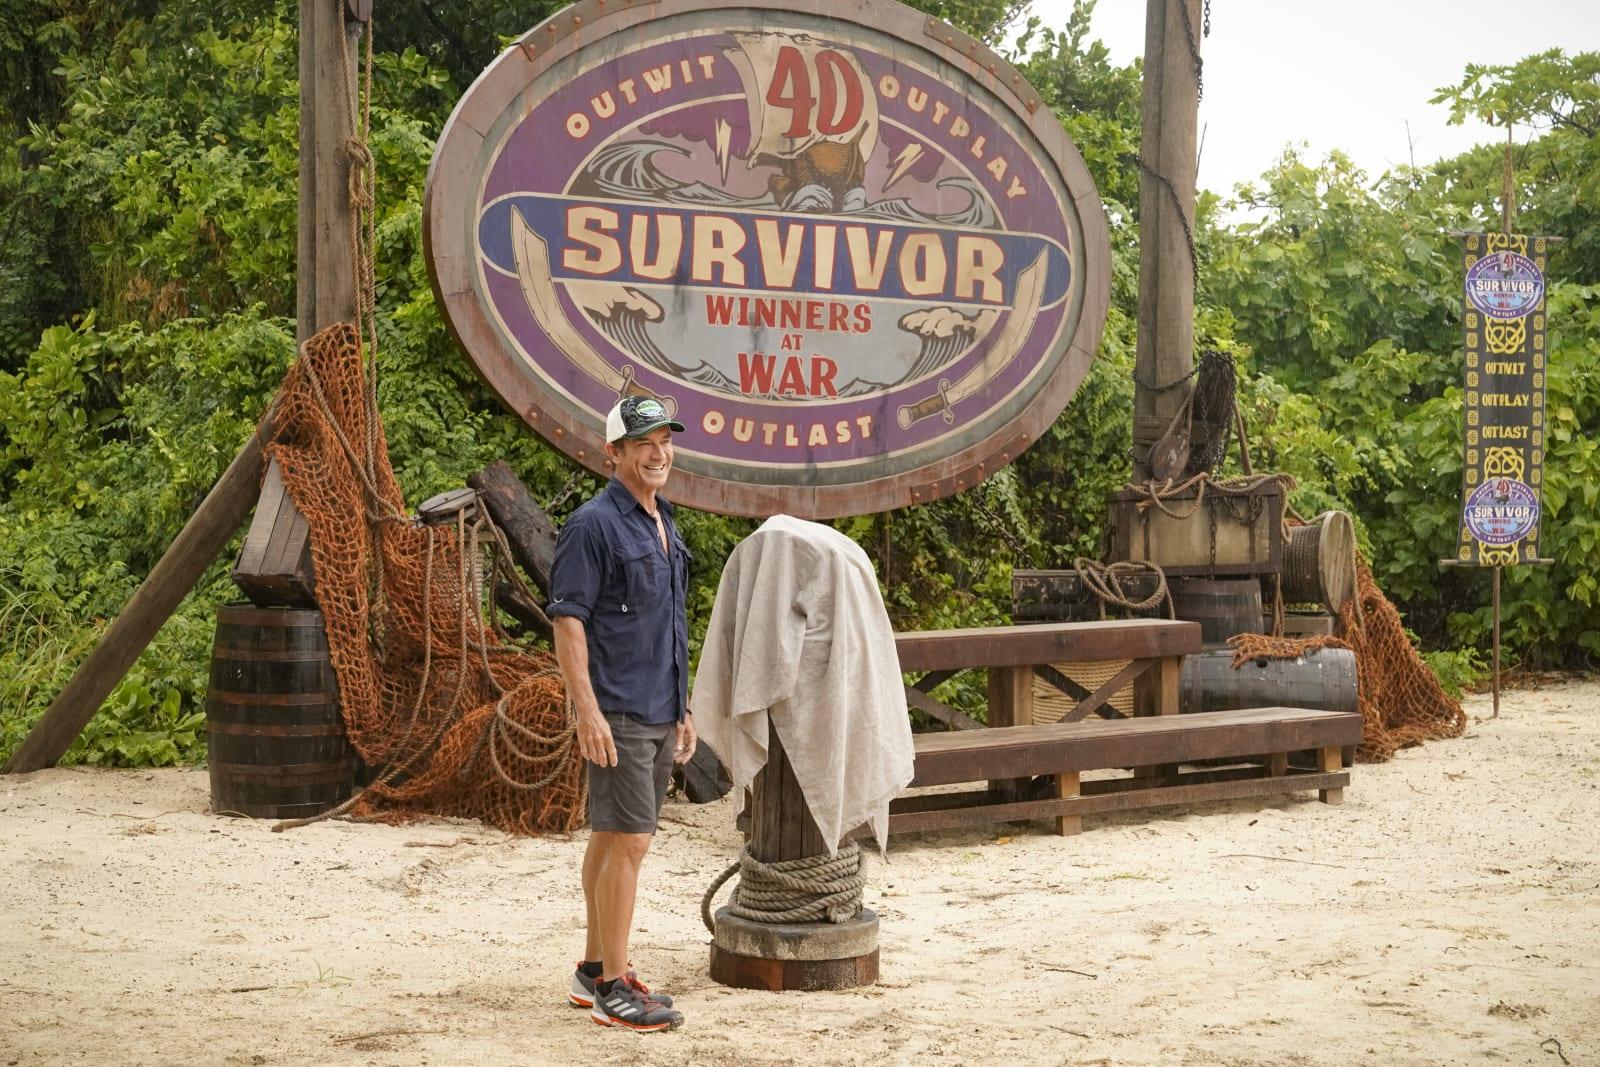 Jeff Probst Immunity Idol Survivor Winners at War episode 1